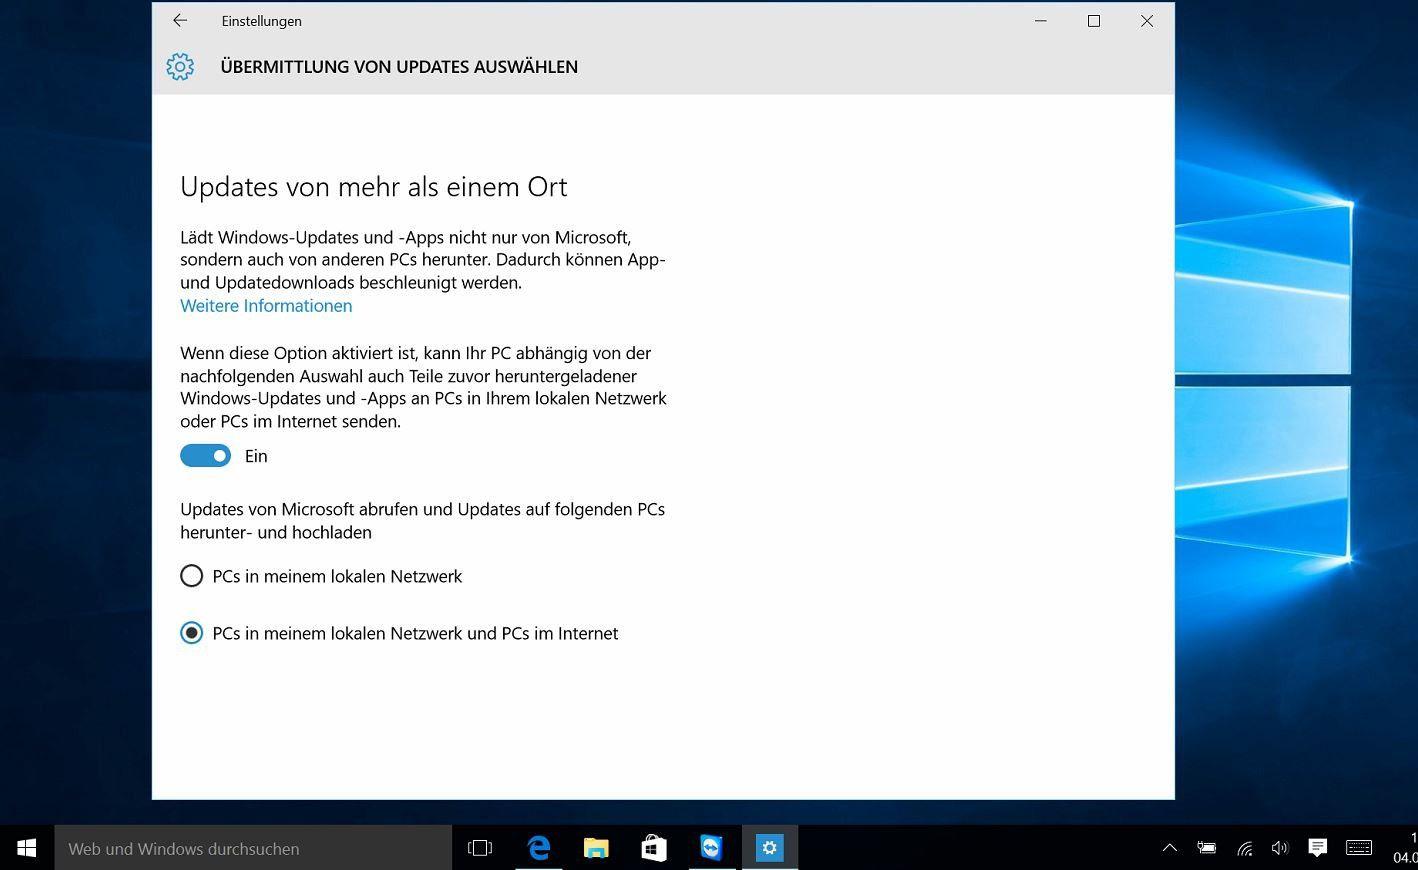 Windows 10: Neue Funktion bremst Surf-Tempo - so schalten Sie die ...